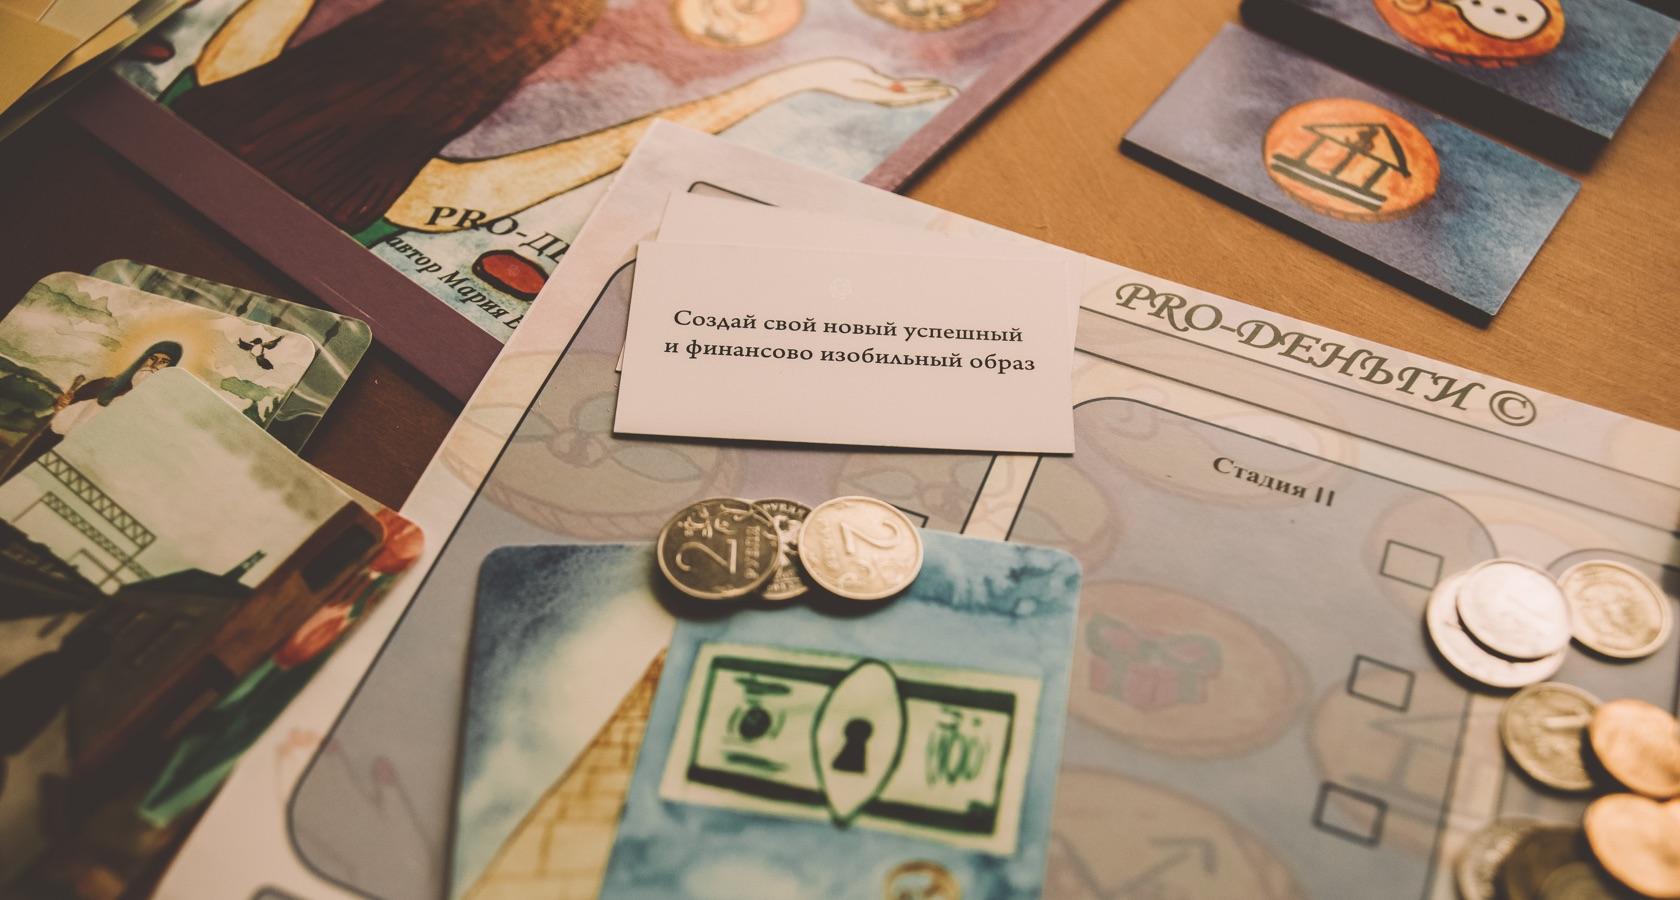 сценарий игры про деньги